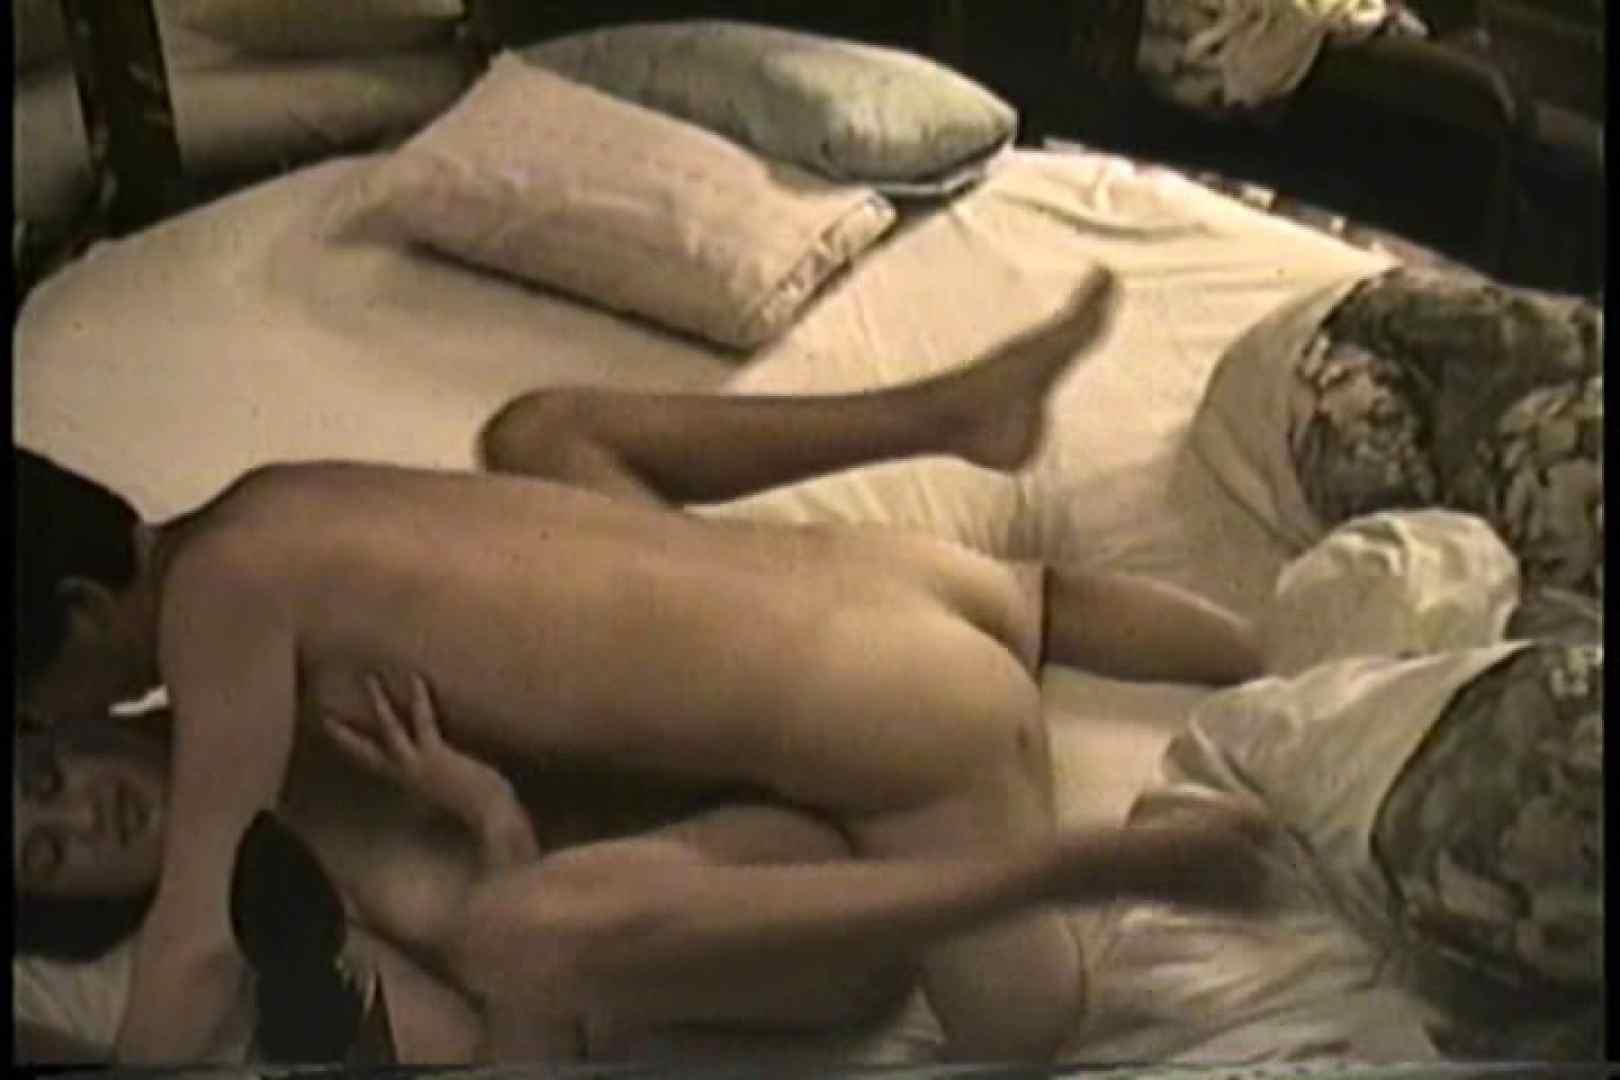 実録!ラブホテル~消し忘れ注意!昭和の色編~ vol.22 美女まとめ オメコ動画キャプチャ 83PIX 43